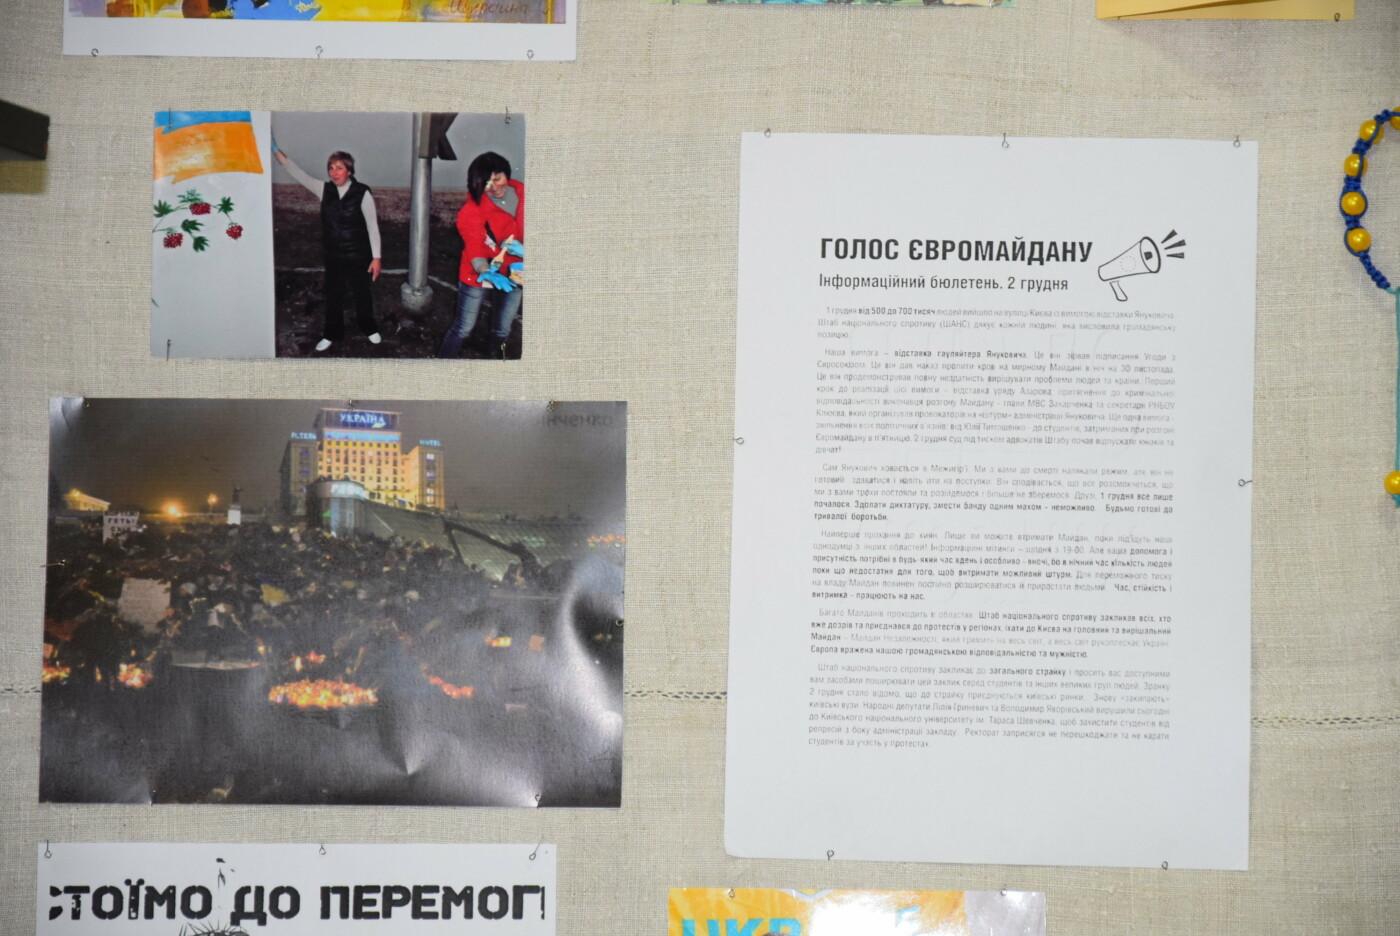 В архиве Каменского открылась выставка ко Дню Независимости, фото-10